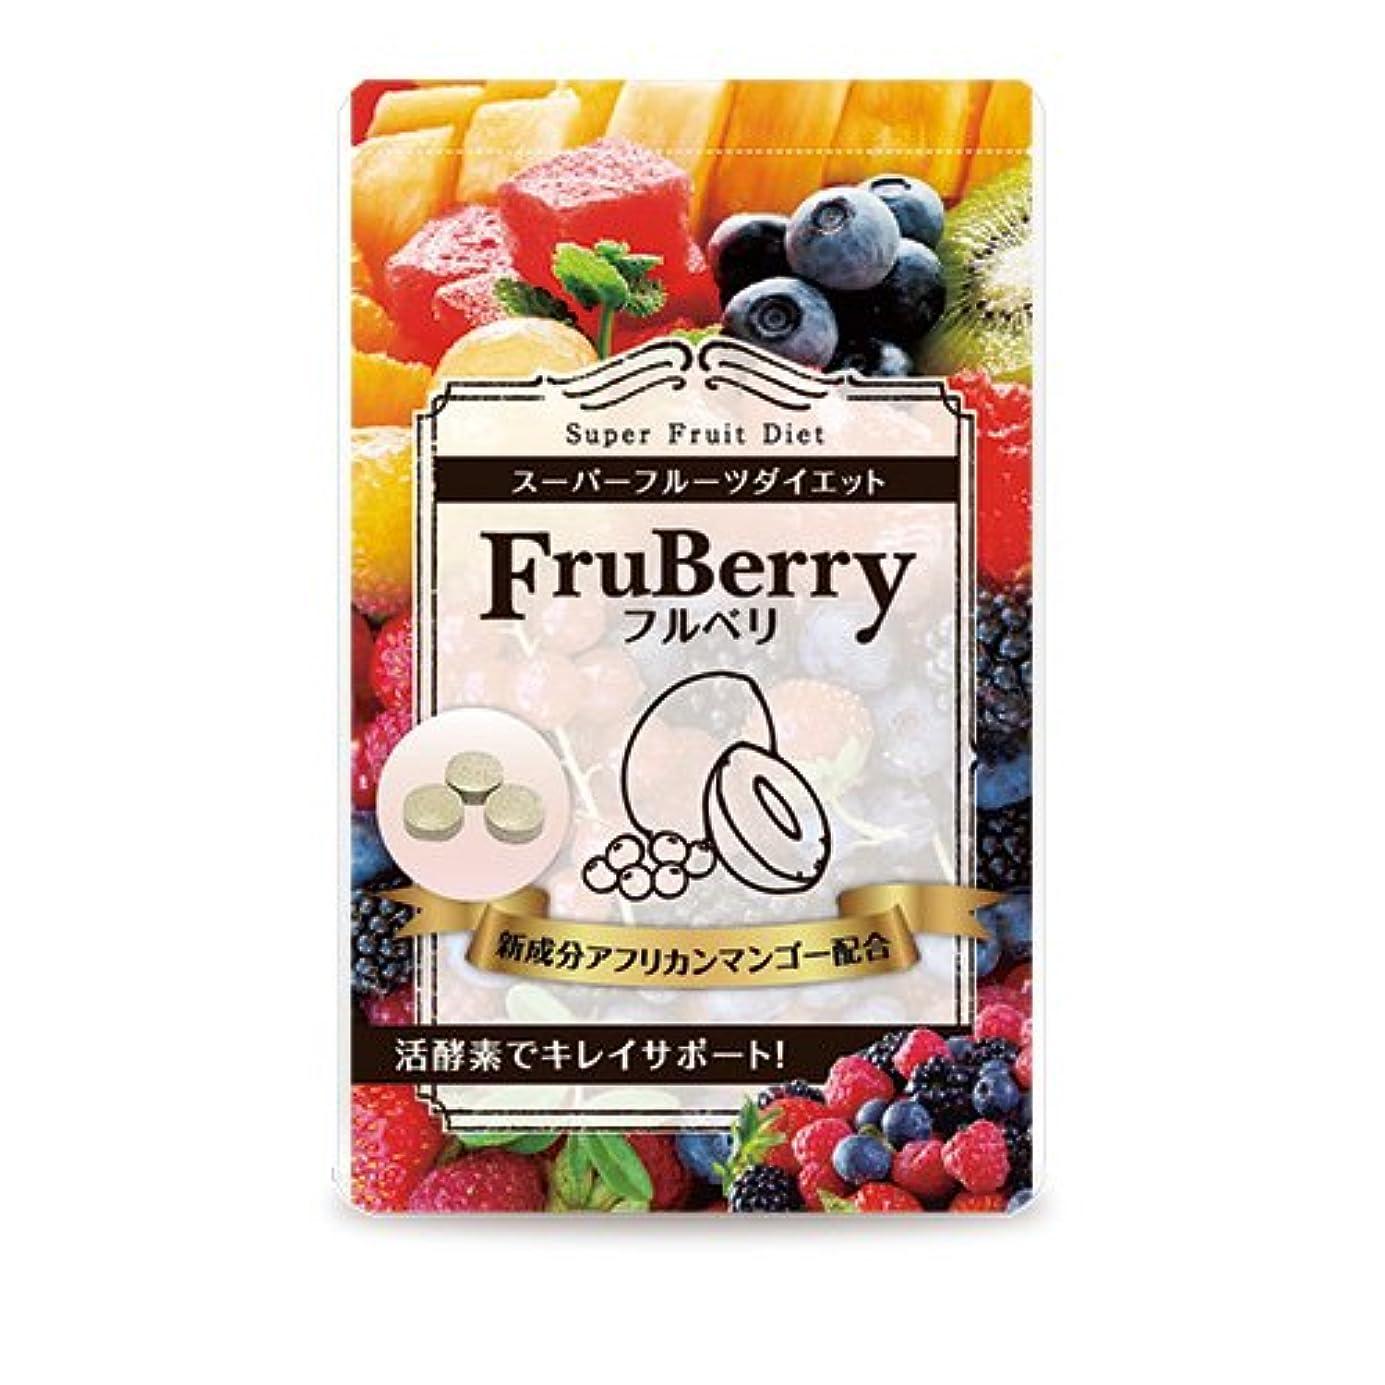 離れた重さ順番フルベリ 5袋セット 約150日分 FruBerry アフリカンマンゴー ベリー類 乳酸菌のサプリ 賞味期限間近のため半額